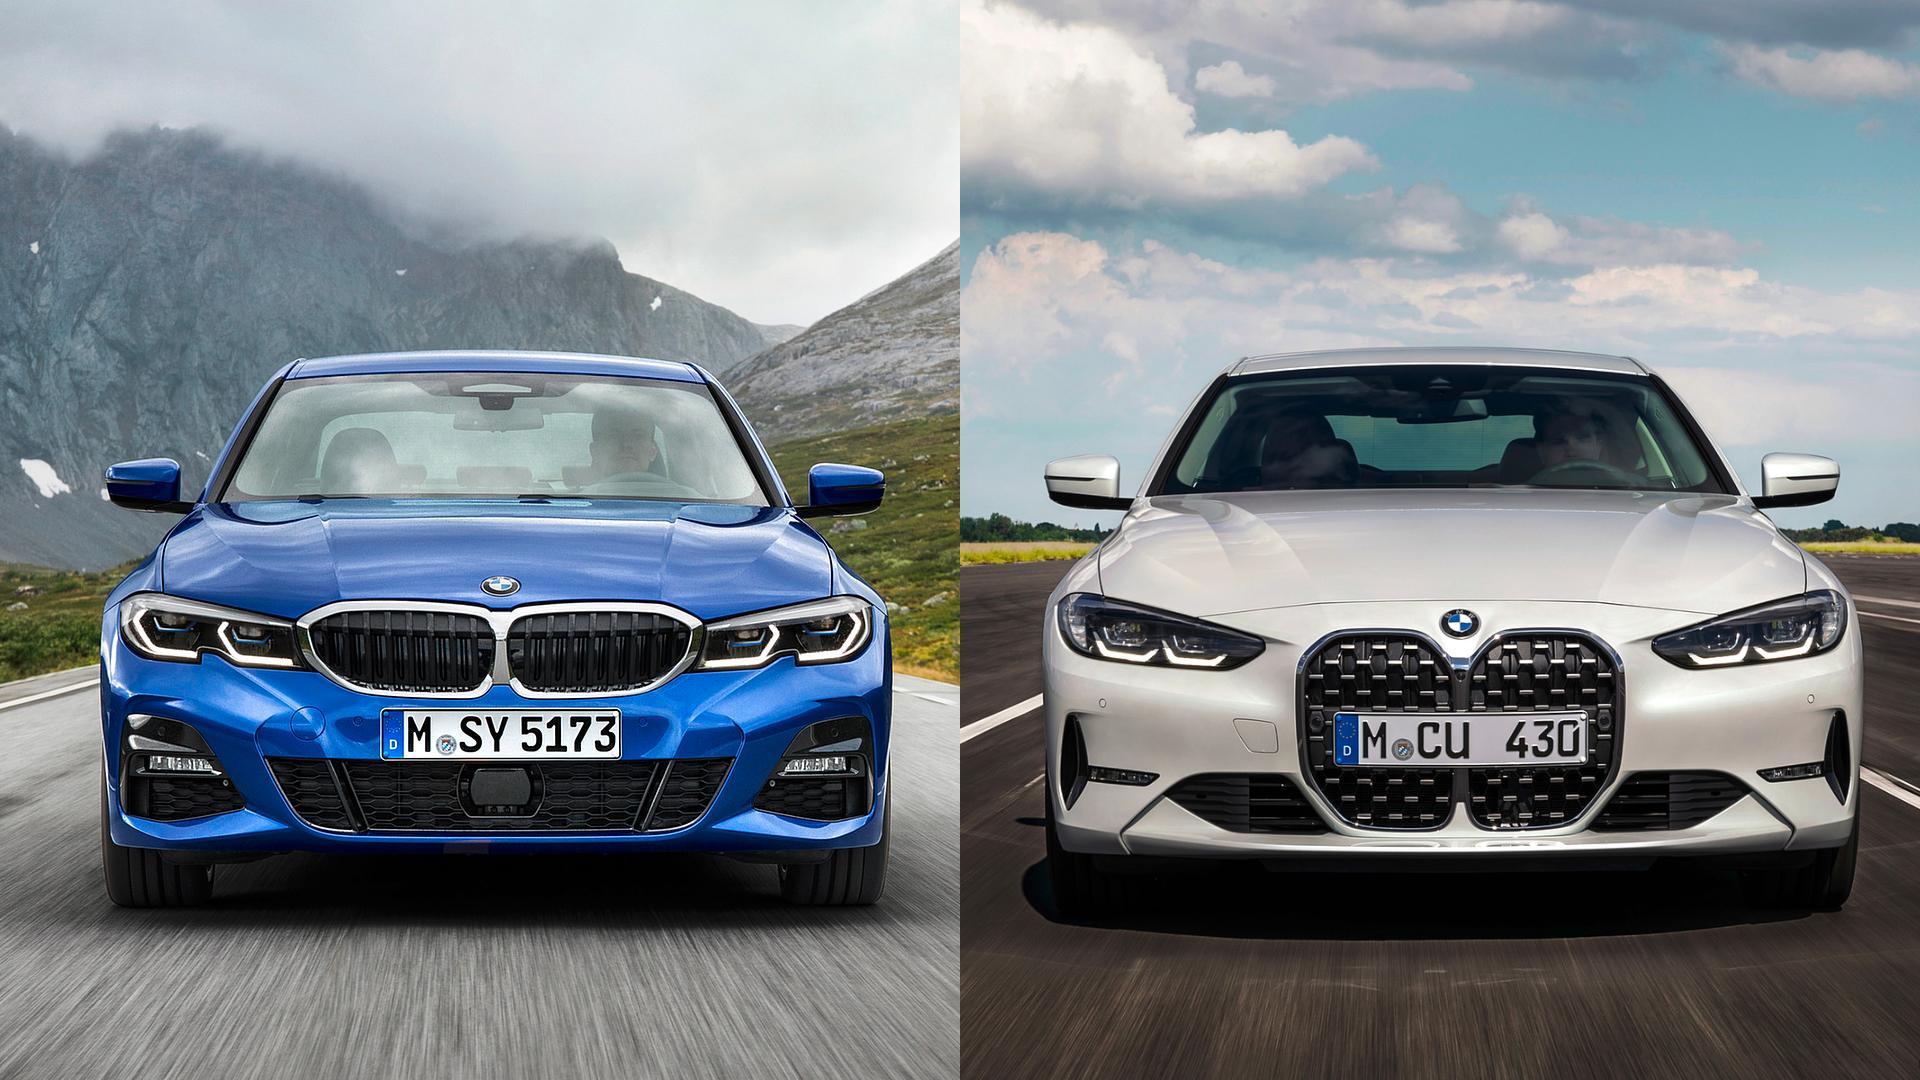 BMW 3 Series vs 4 Series: Is The 4 Series Just A 2-door 4 Series?